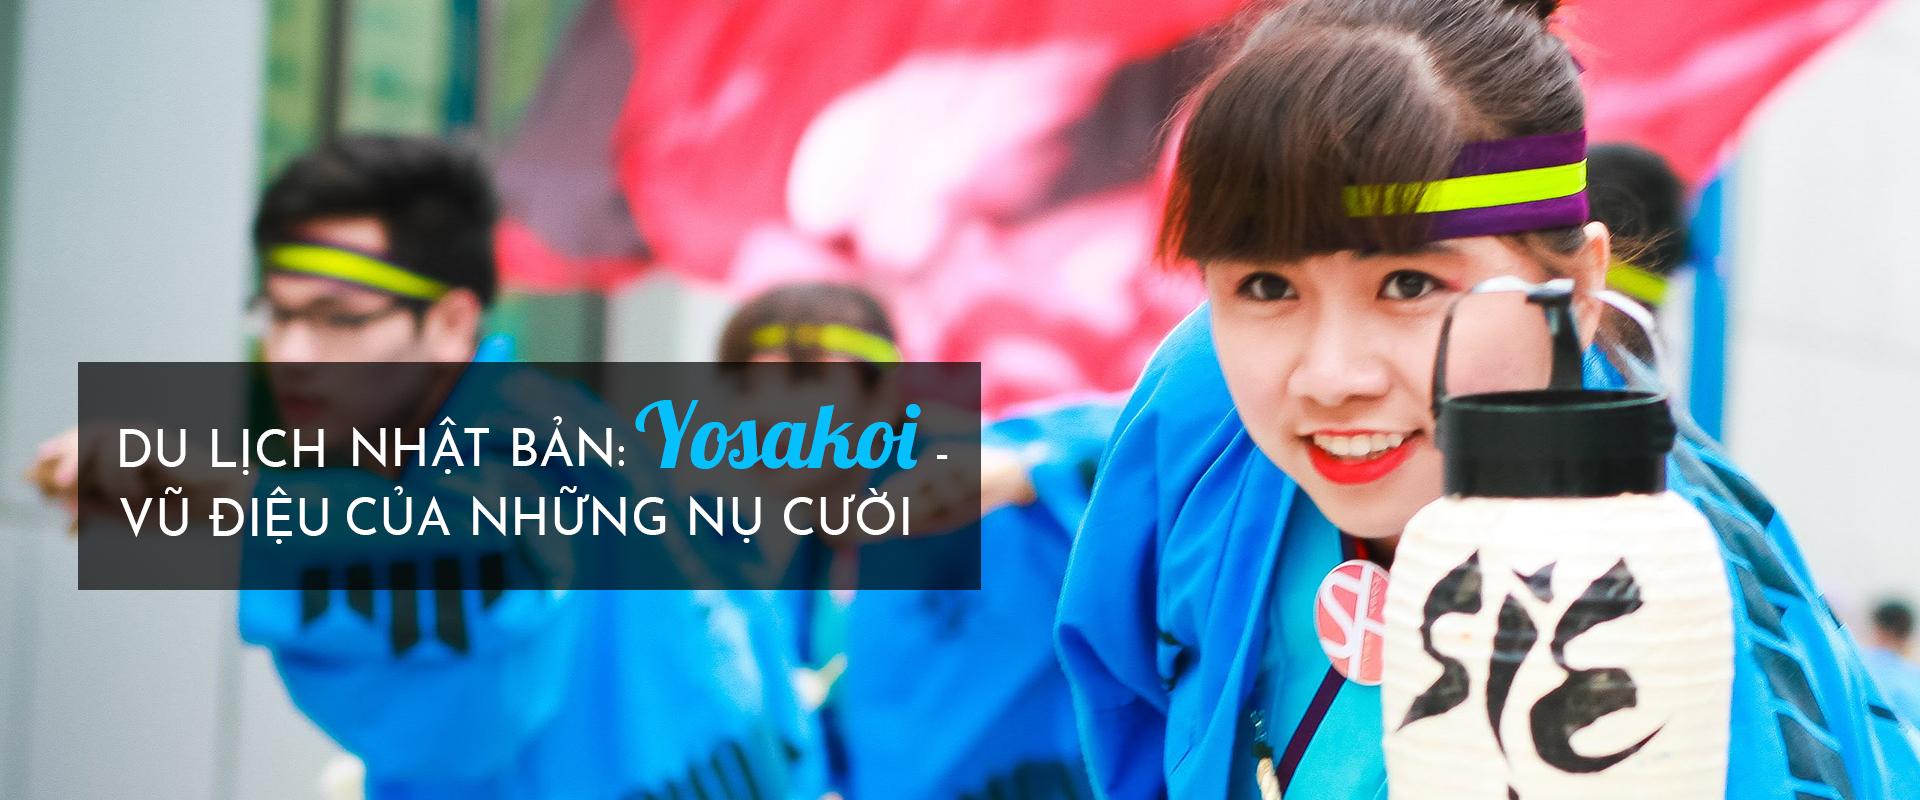 Du lịch ở Nhật Bản: Yosakoi - vũ điệu của những nụ cười